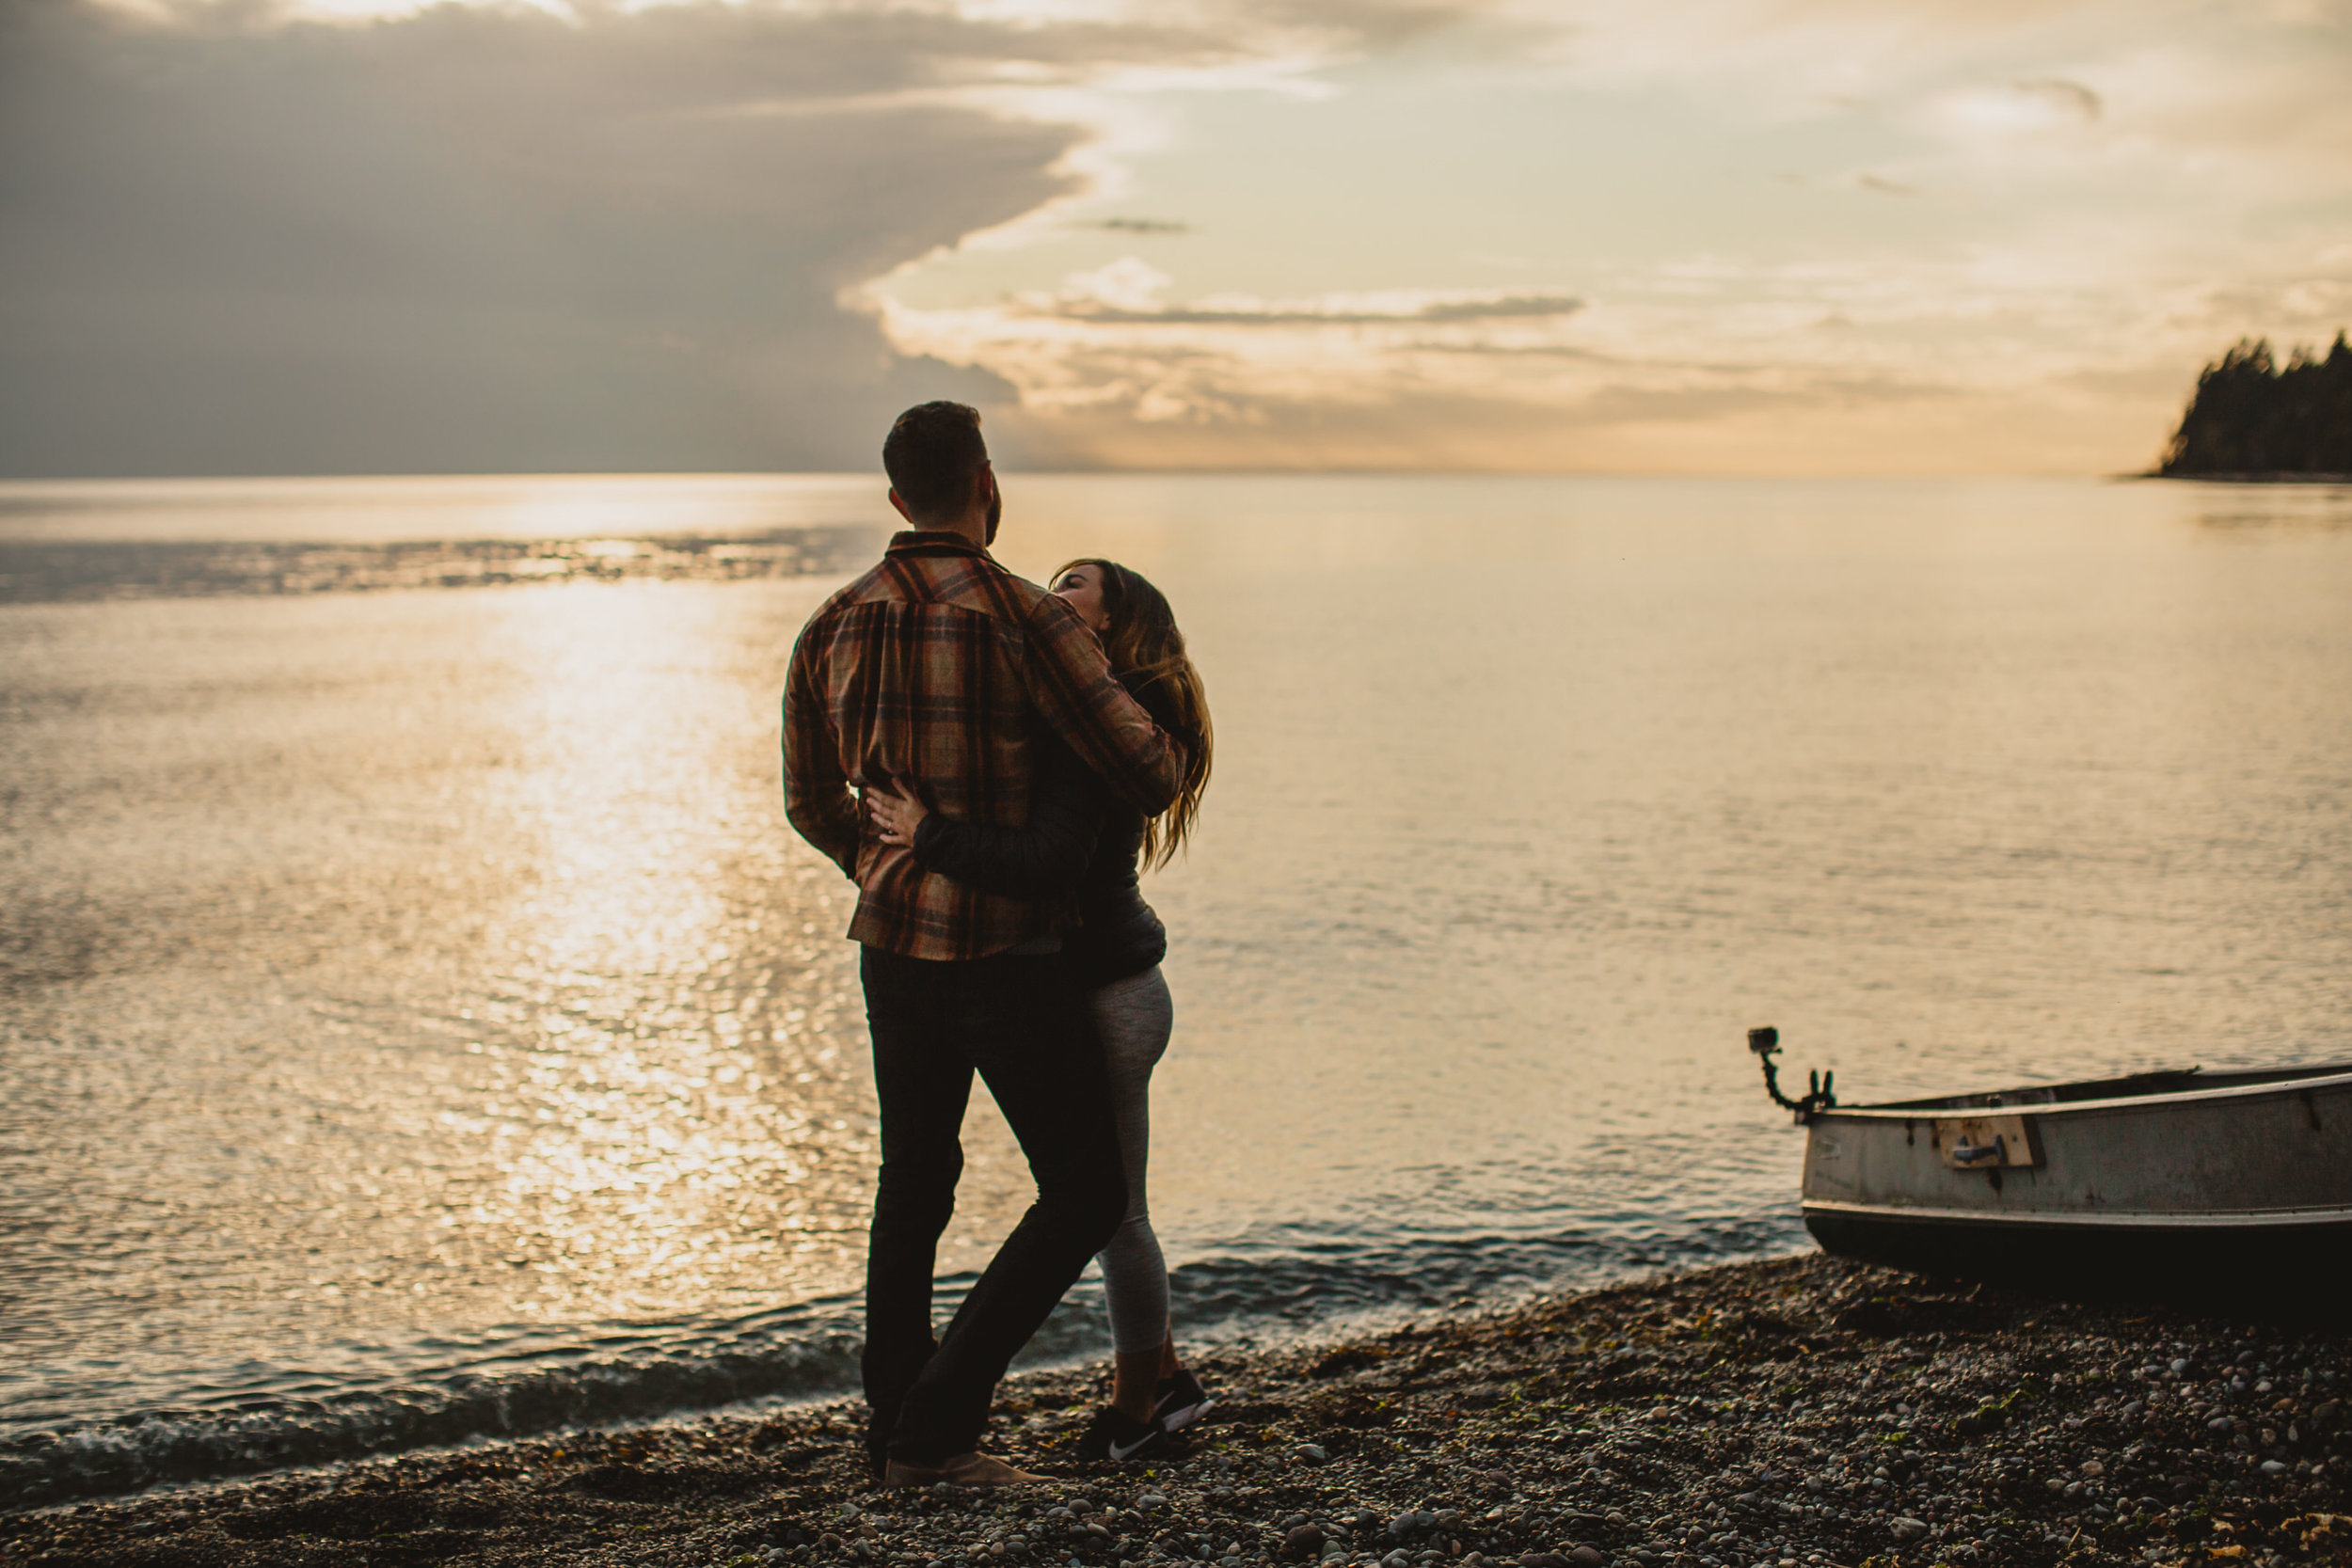 Sunshine Coast Proposal Photos - Sunshine Coast Engagement Photos - Sunshine Coast Wedding Photographer - Vancovuer Wedding Photographer - Jennifer Picard Photography - IMG_7768.jpg